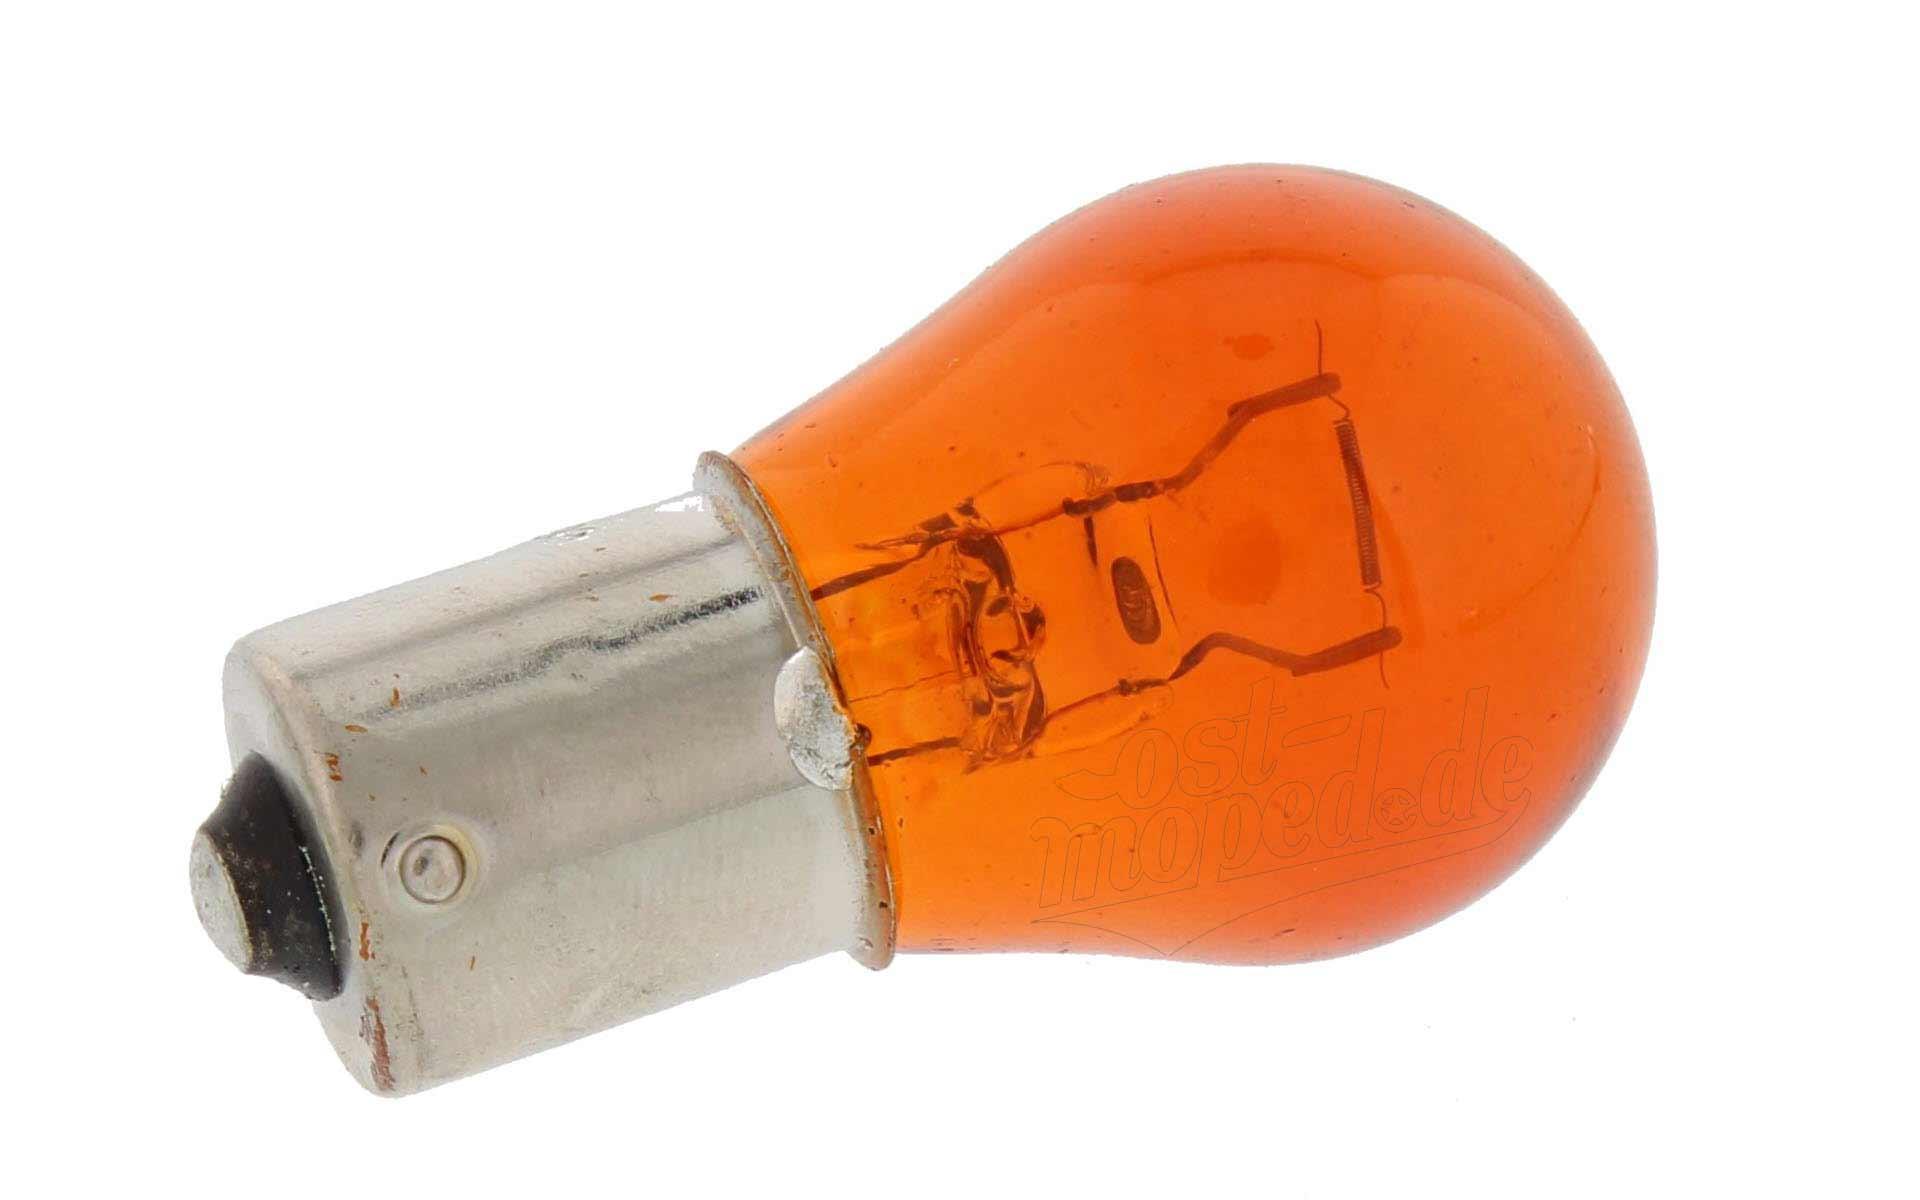 Kugellampe (Blinker) 6V 21W orange